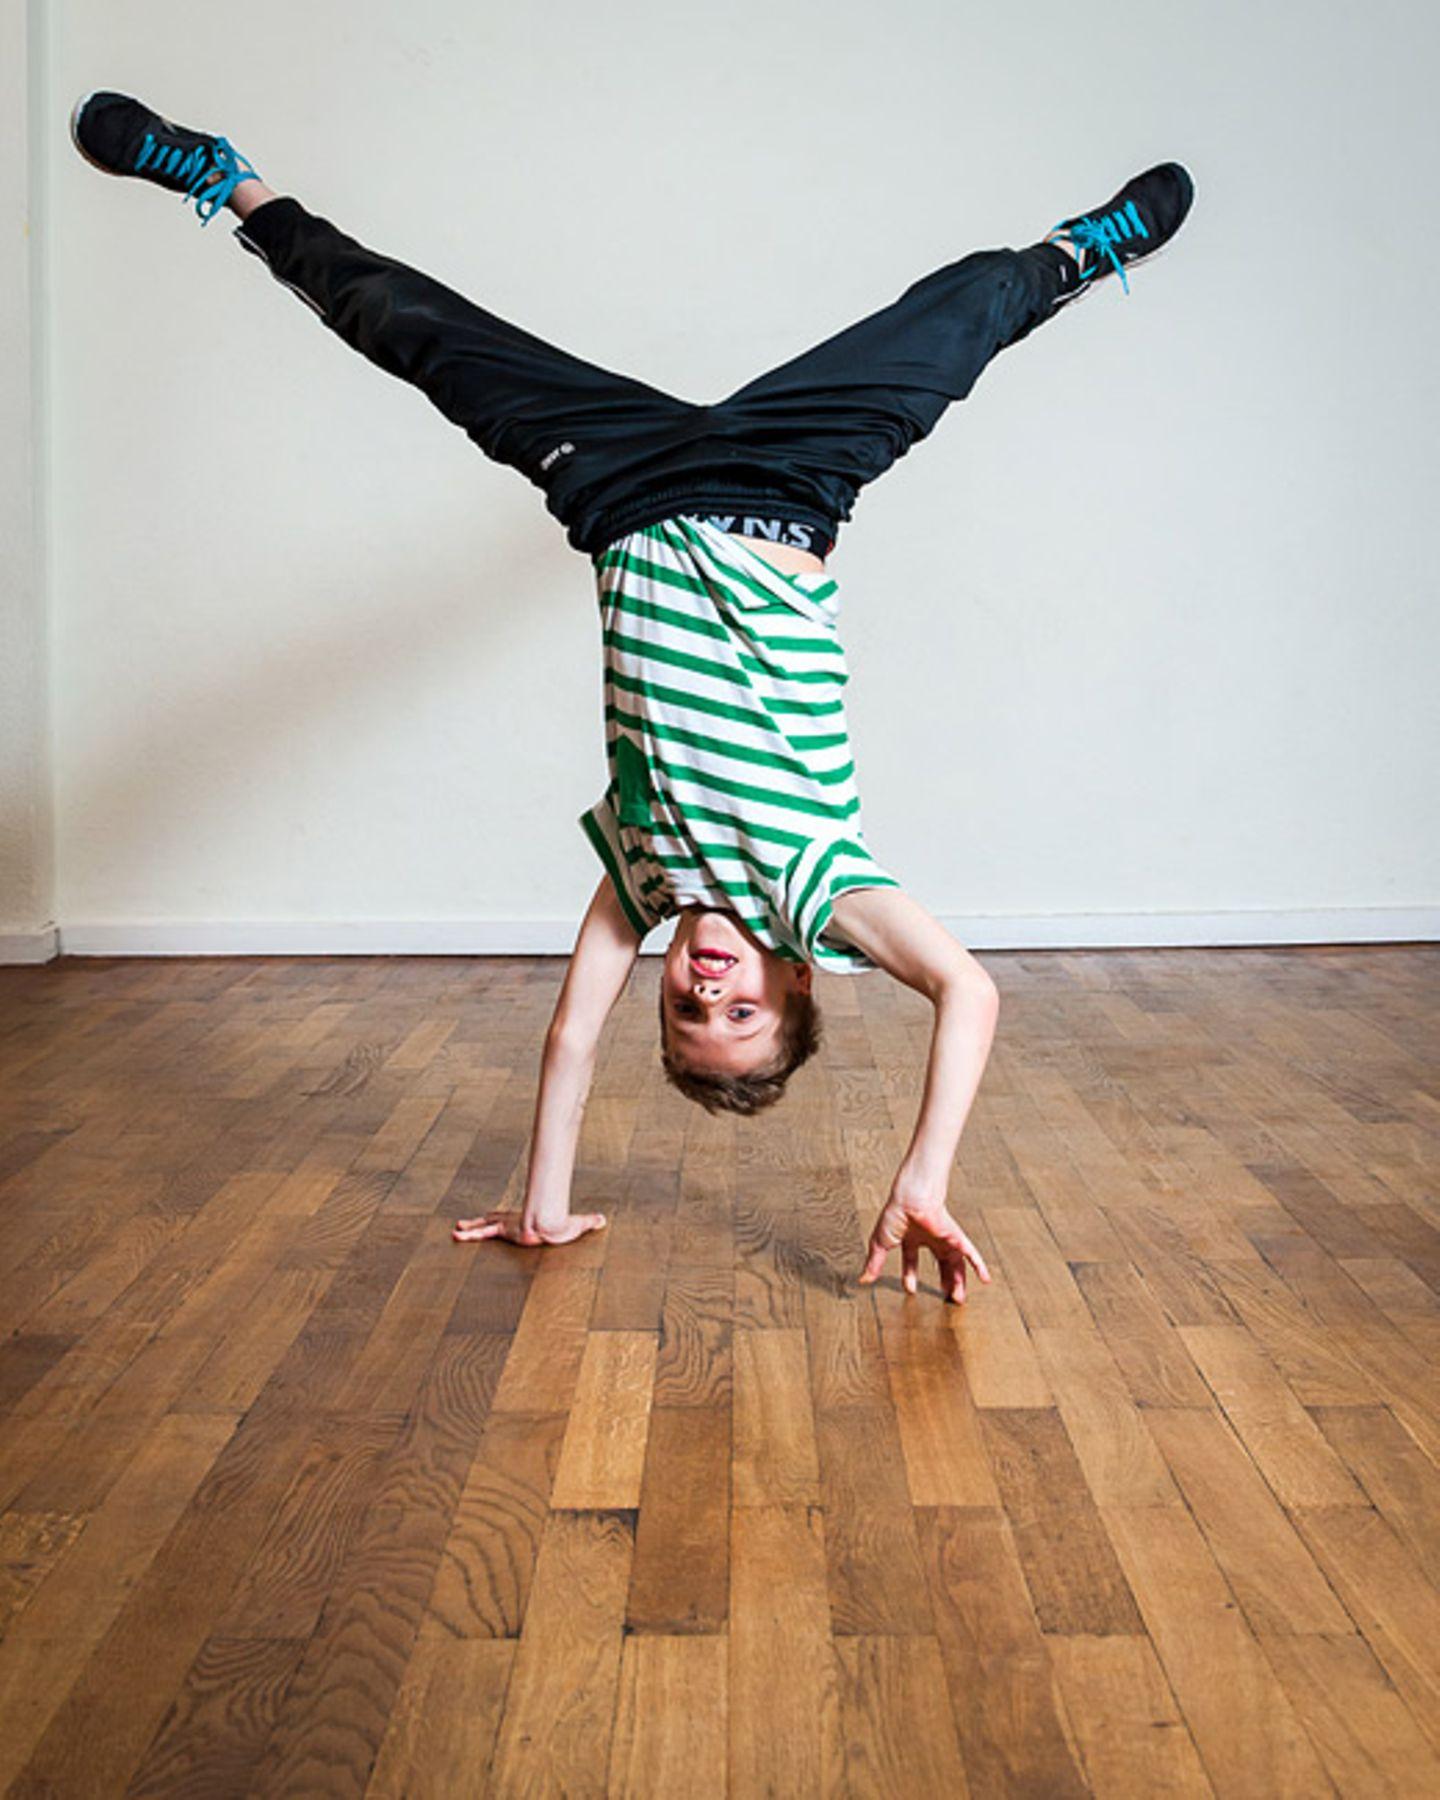 Video: Breakdance: Tanz ohne Regeln - Bild 3